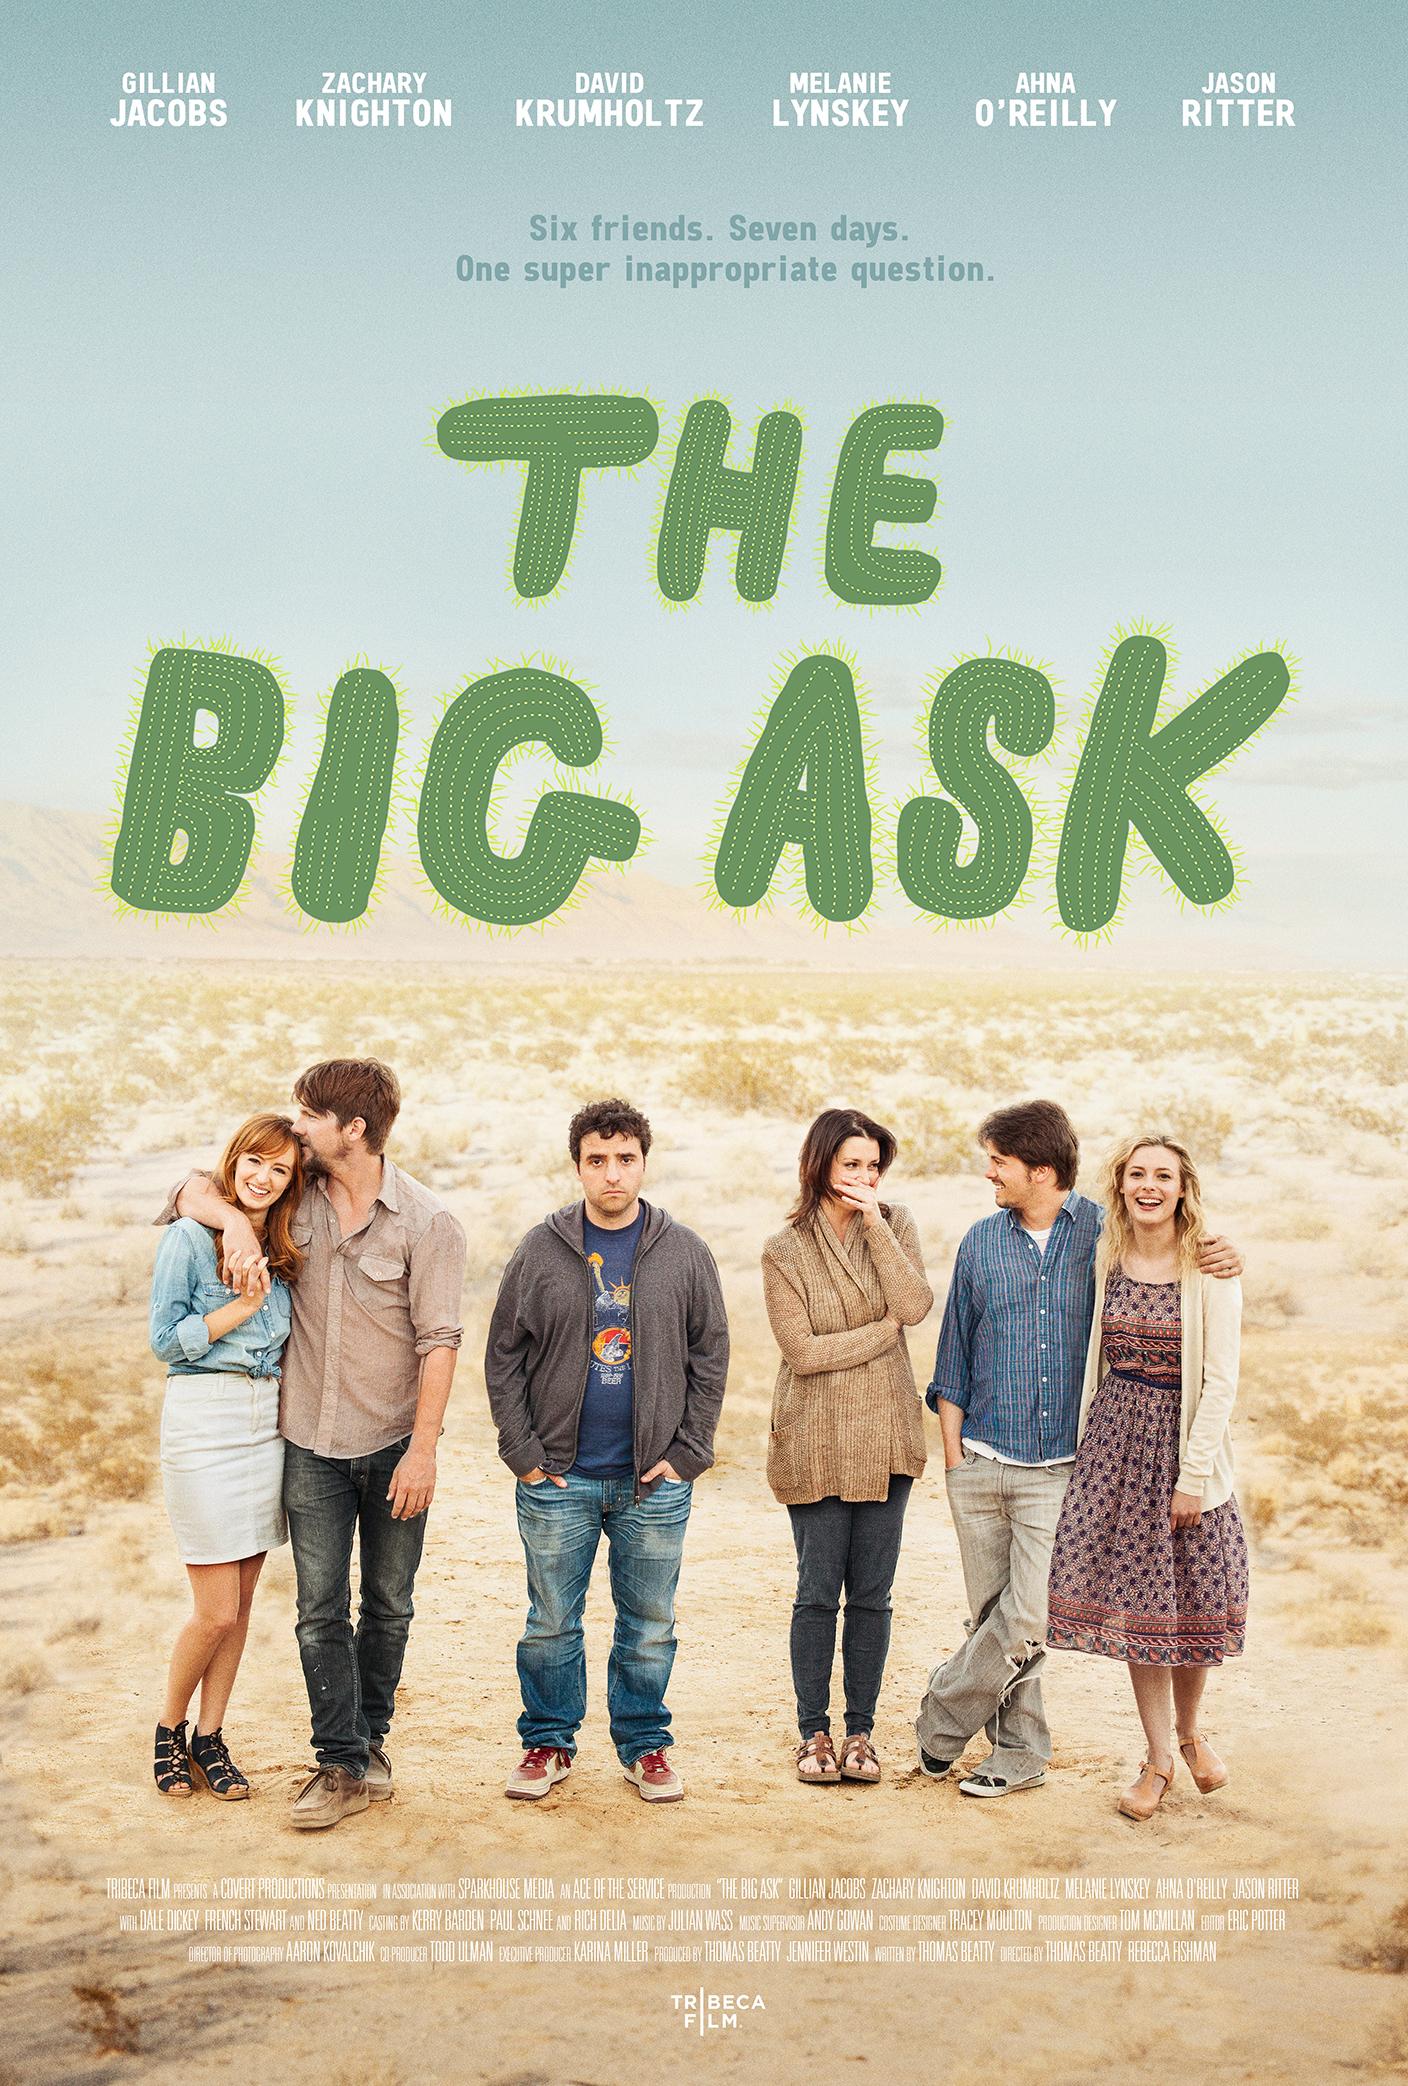 Melanie Lynskey, Zachary Knighton, David Krumholtz, Jason Ritter, Ahna O'Reilly and Gillian Jacobs in Teddy Bears (2013)